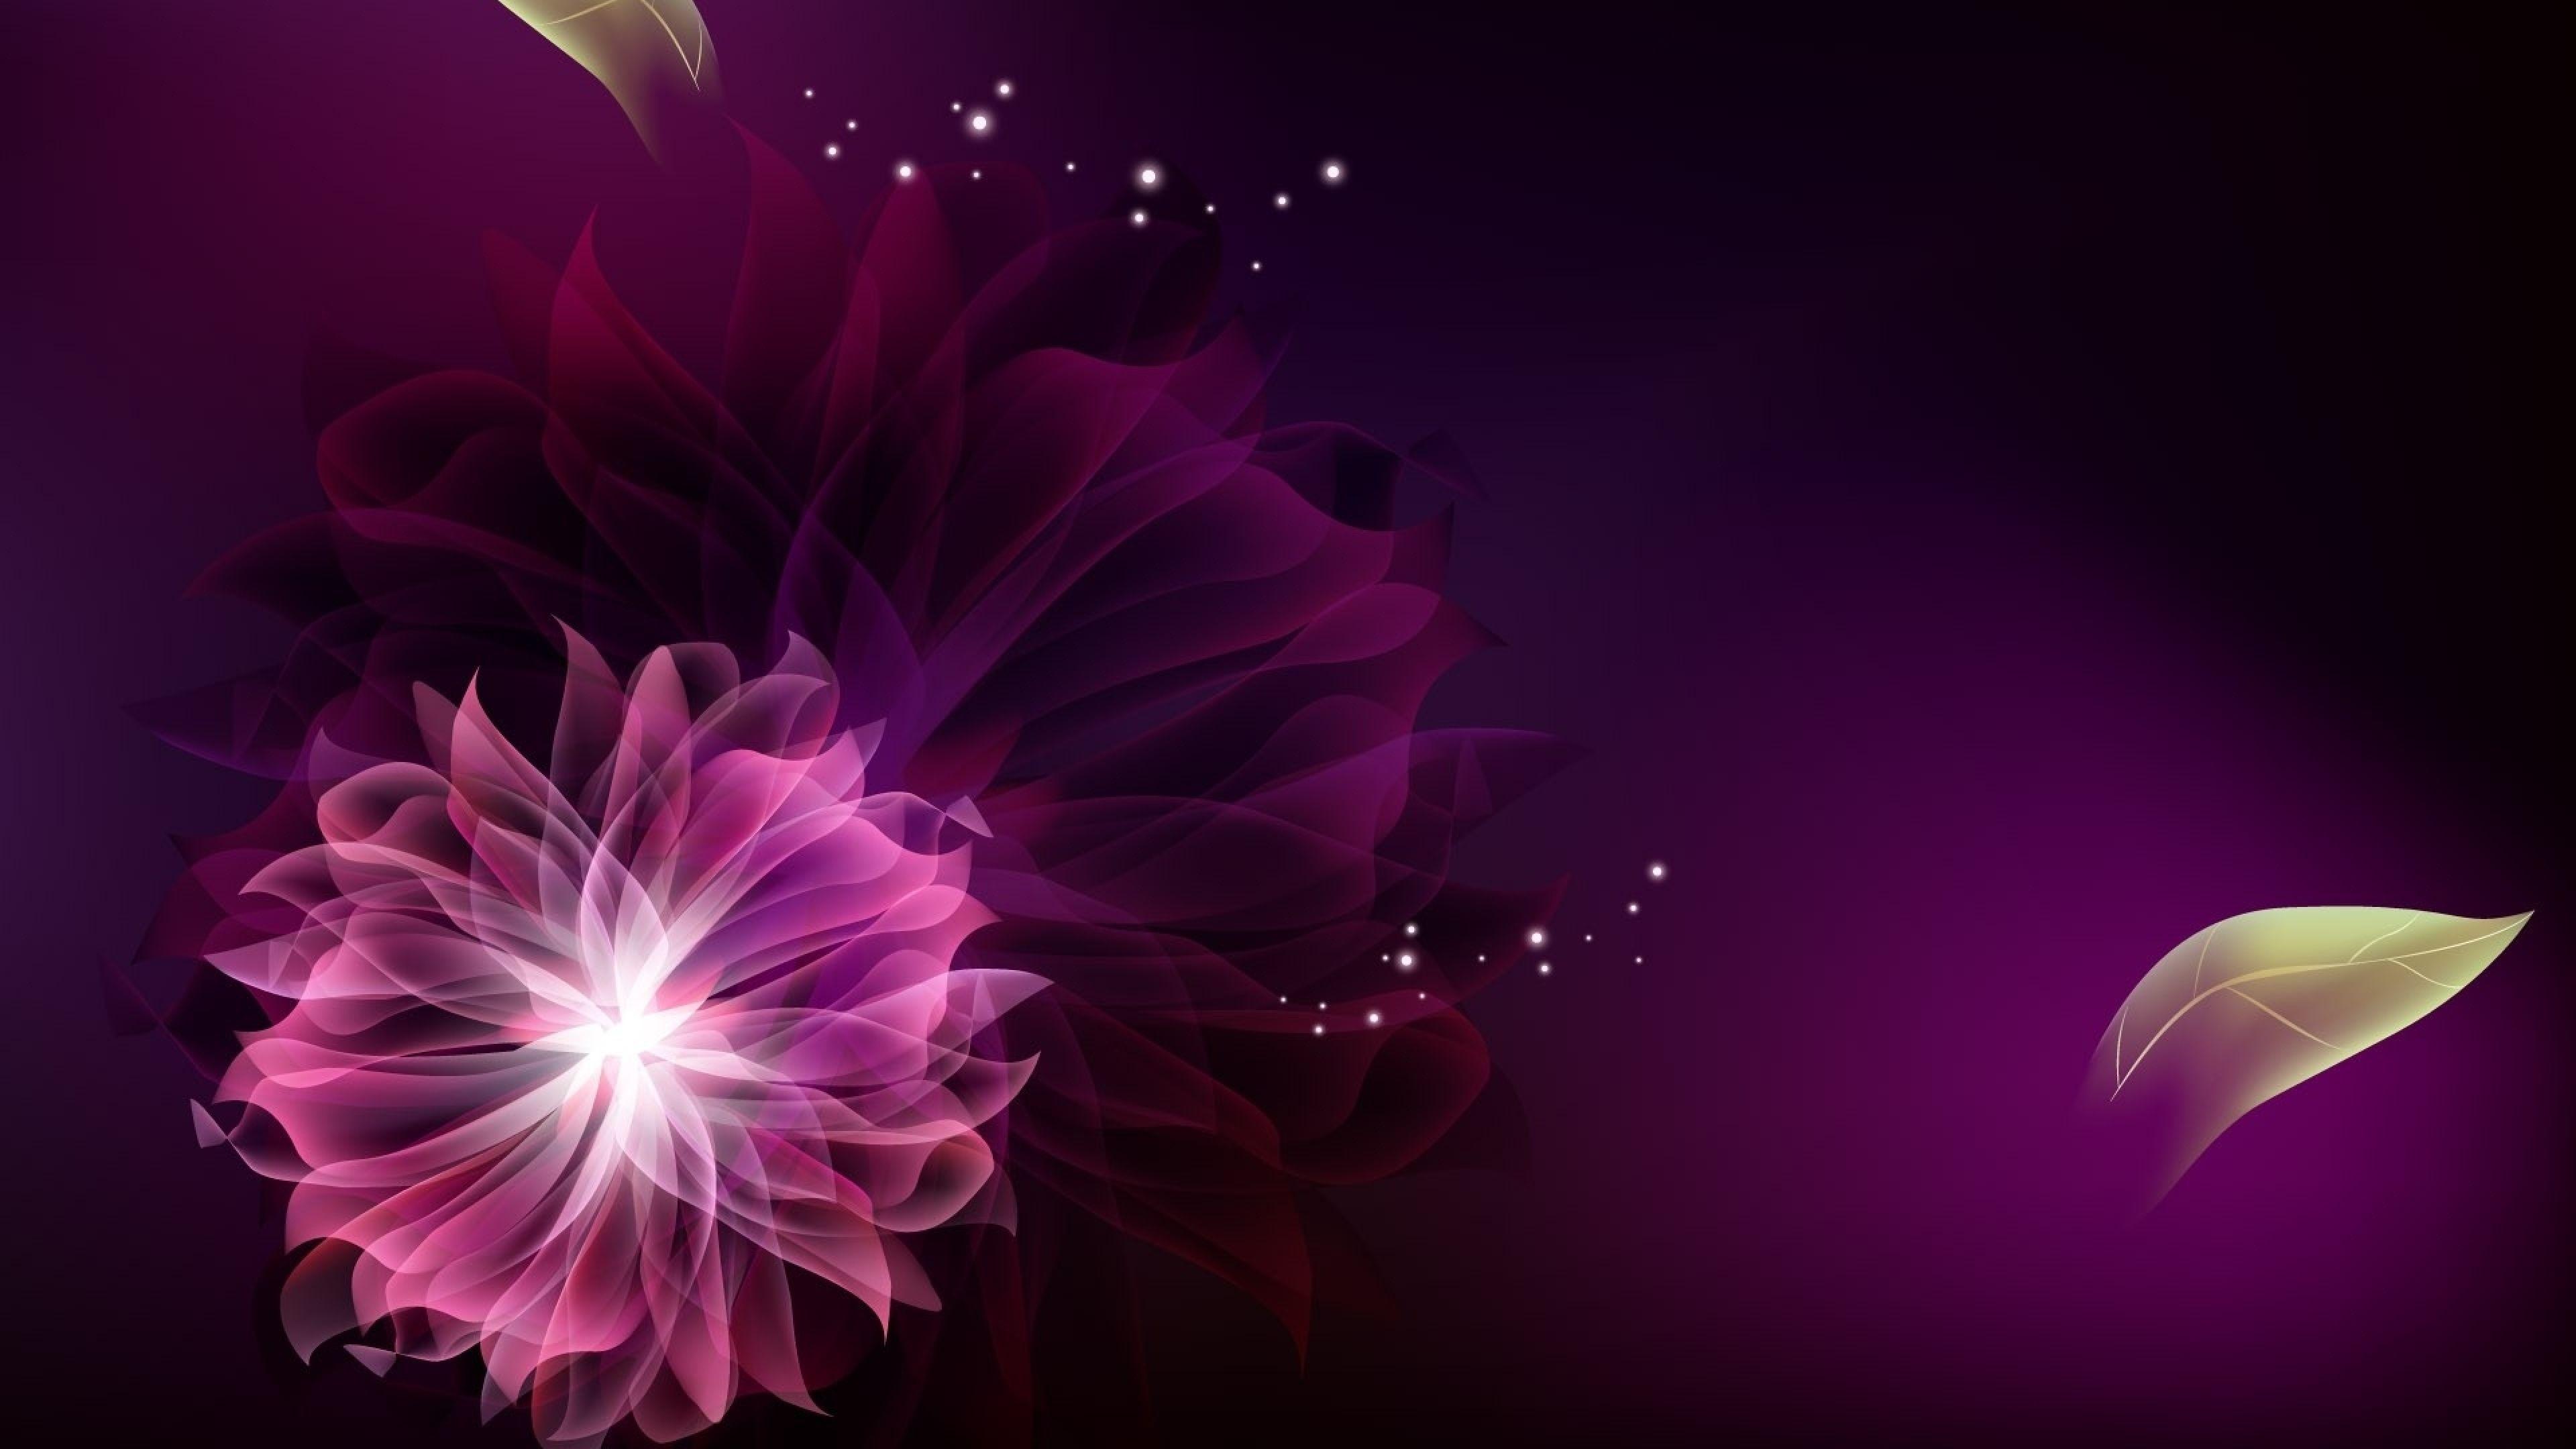 3840x2160 Wallpaper Flowers Smoke Colorful Flight Flores Abstractas Fondos De Colores Abstracto